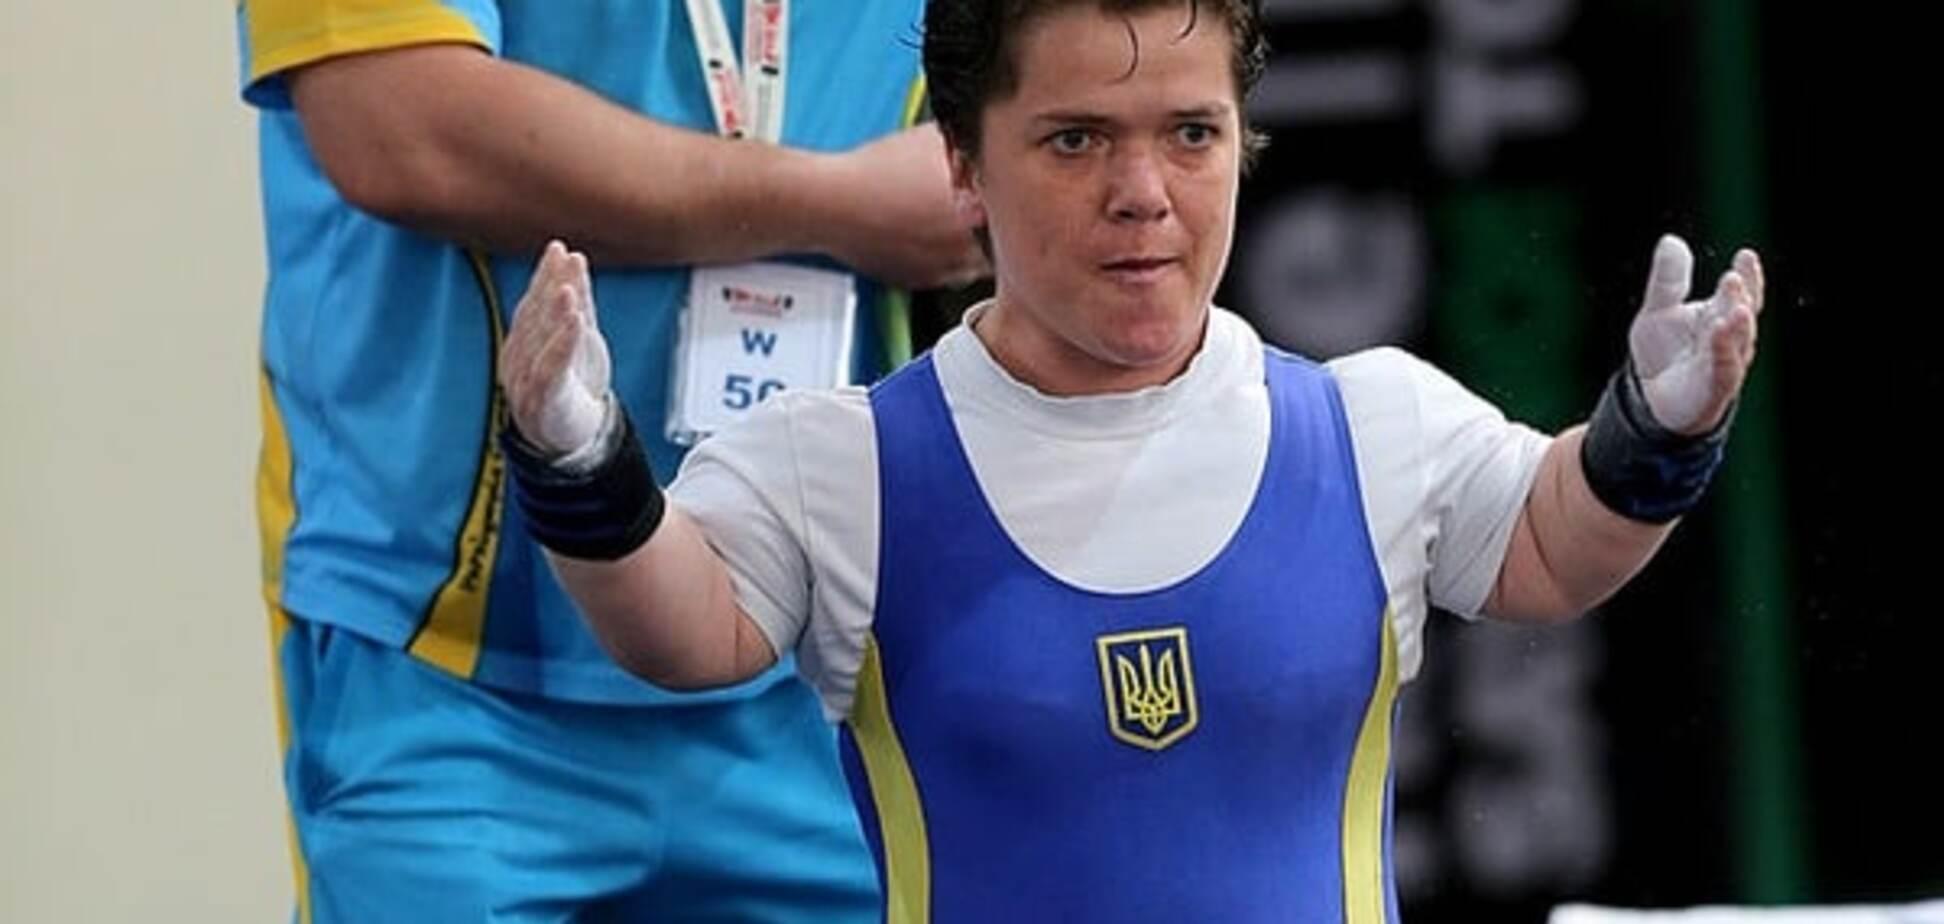 Украина завоевала 'золото' и два 'серебра' в третий день Паралимпиады-2016